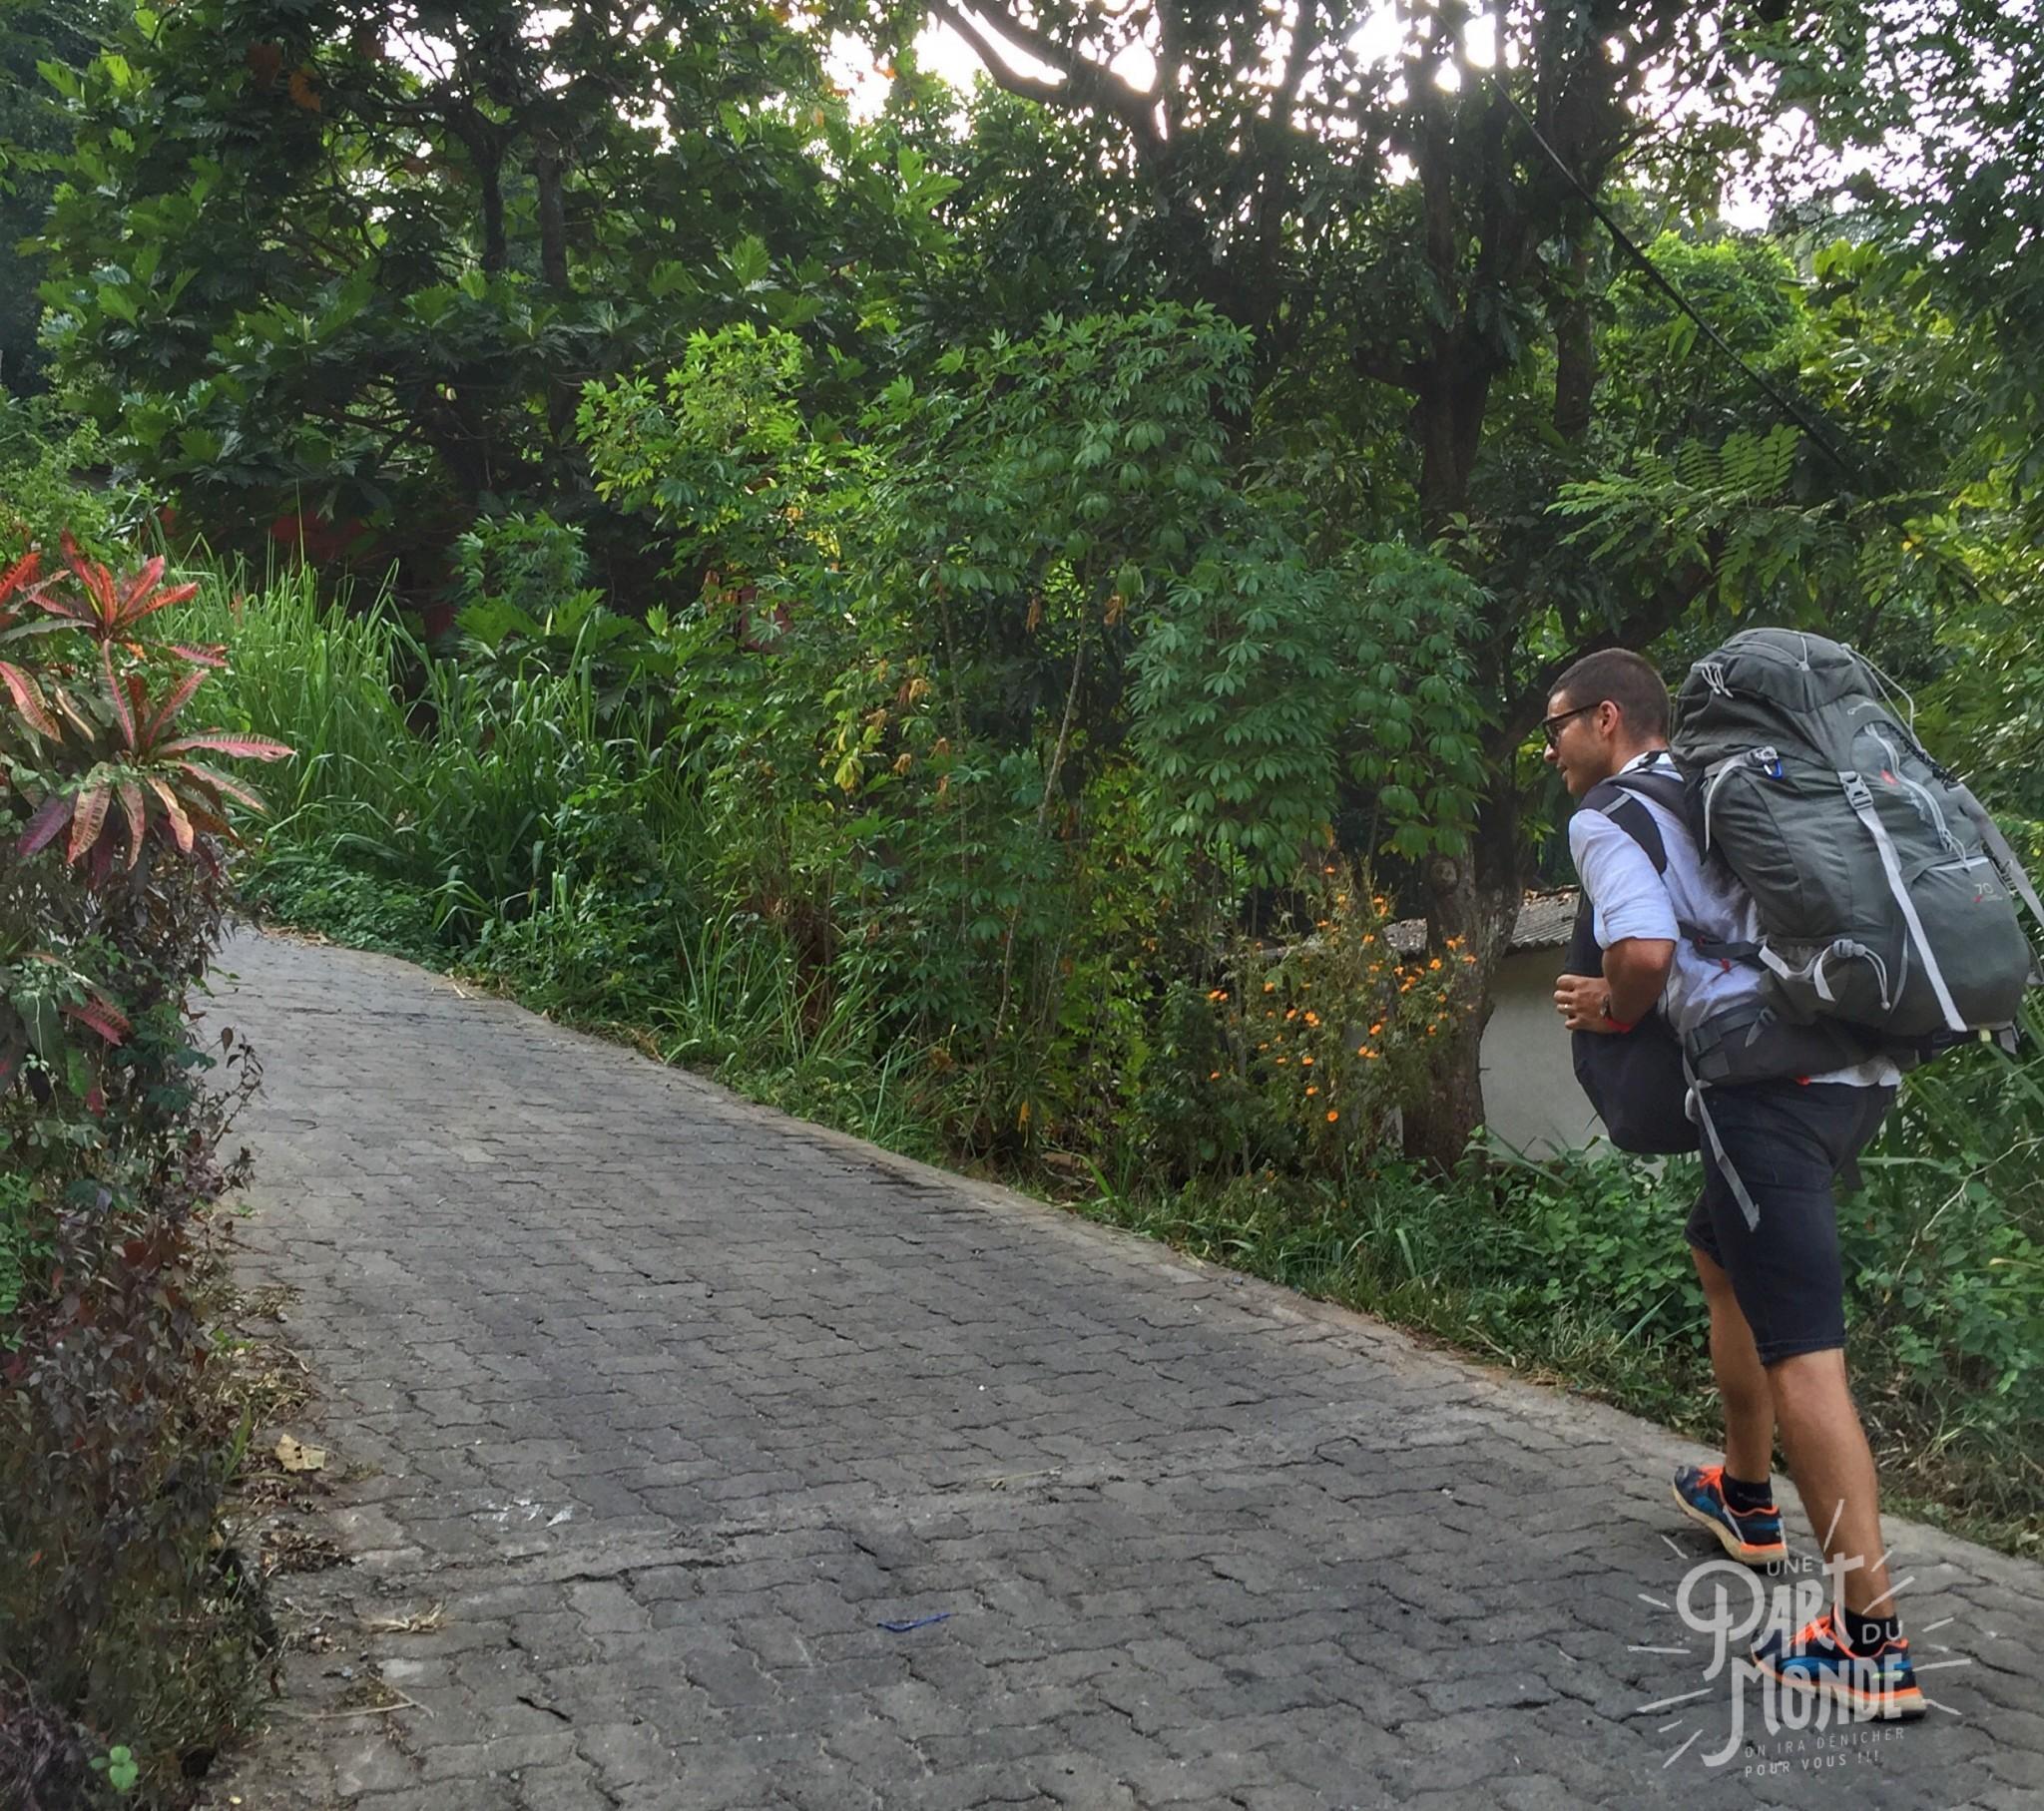 backpack-olivier